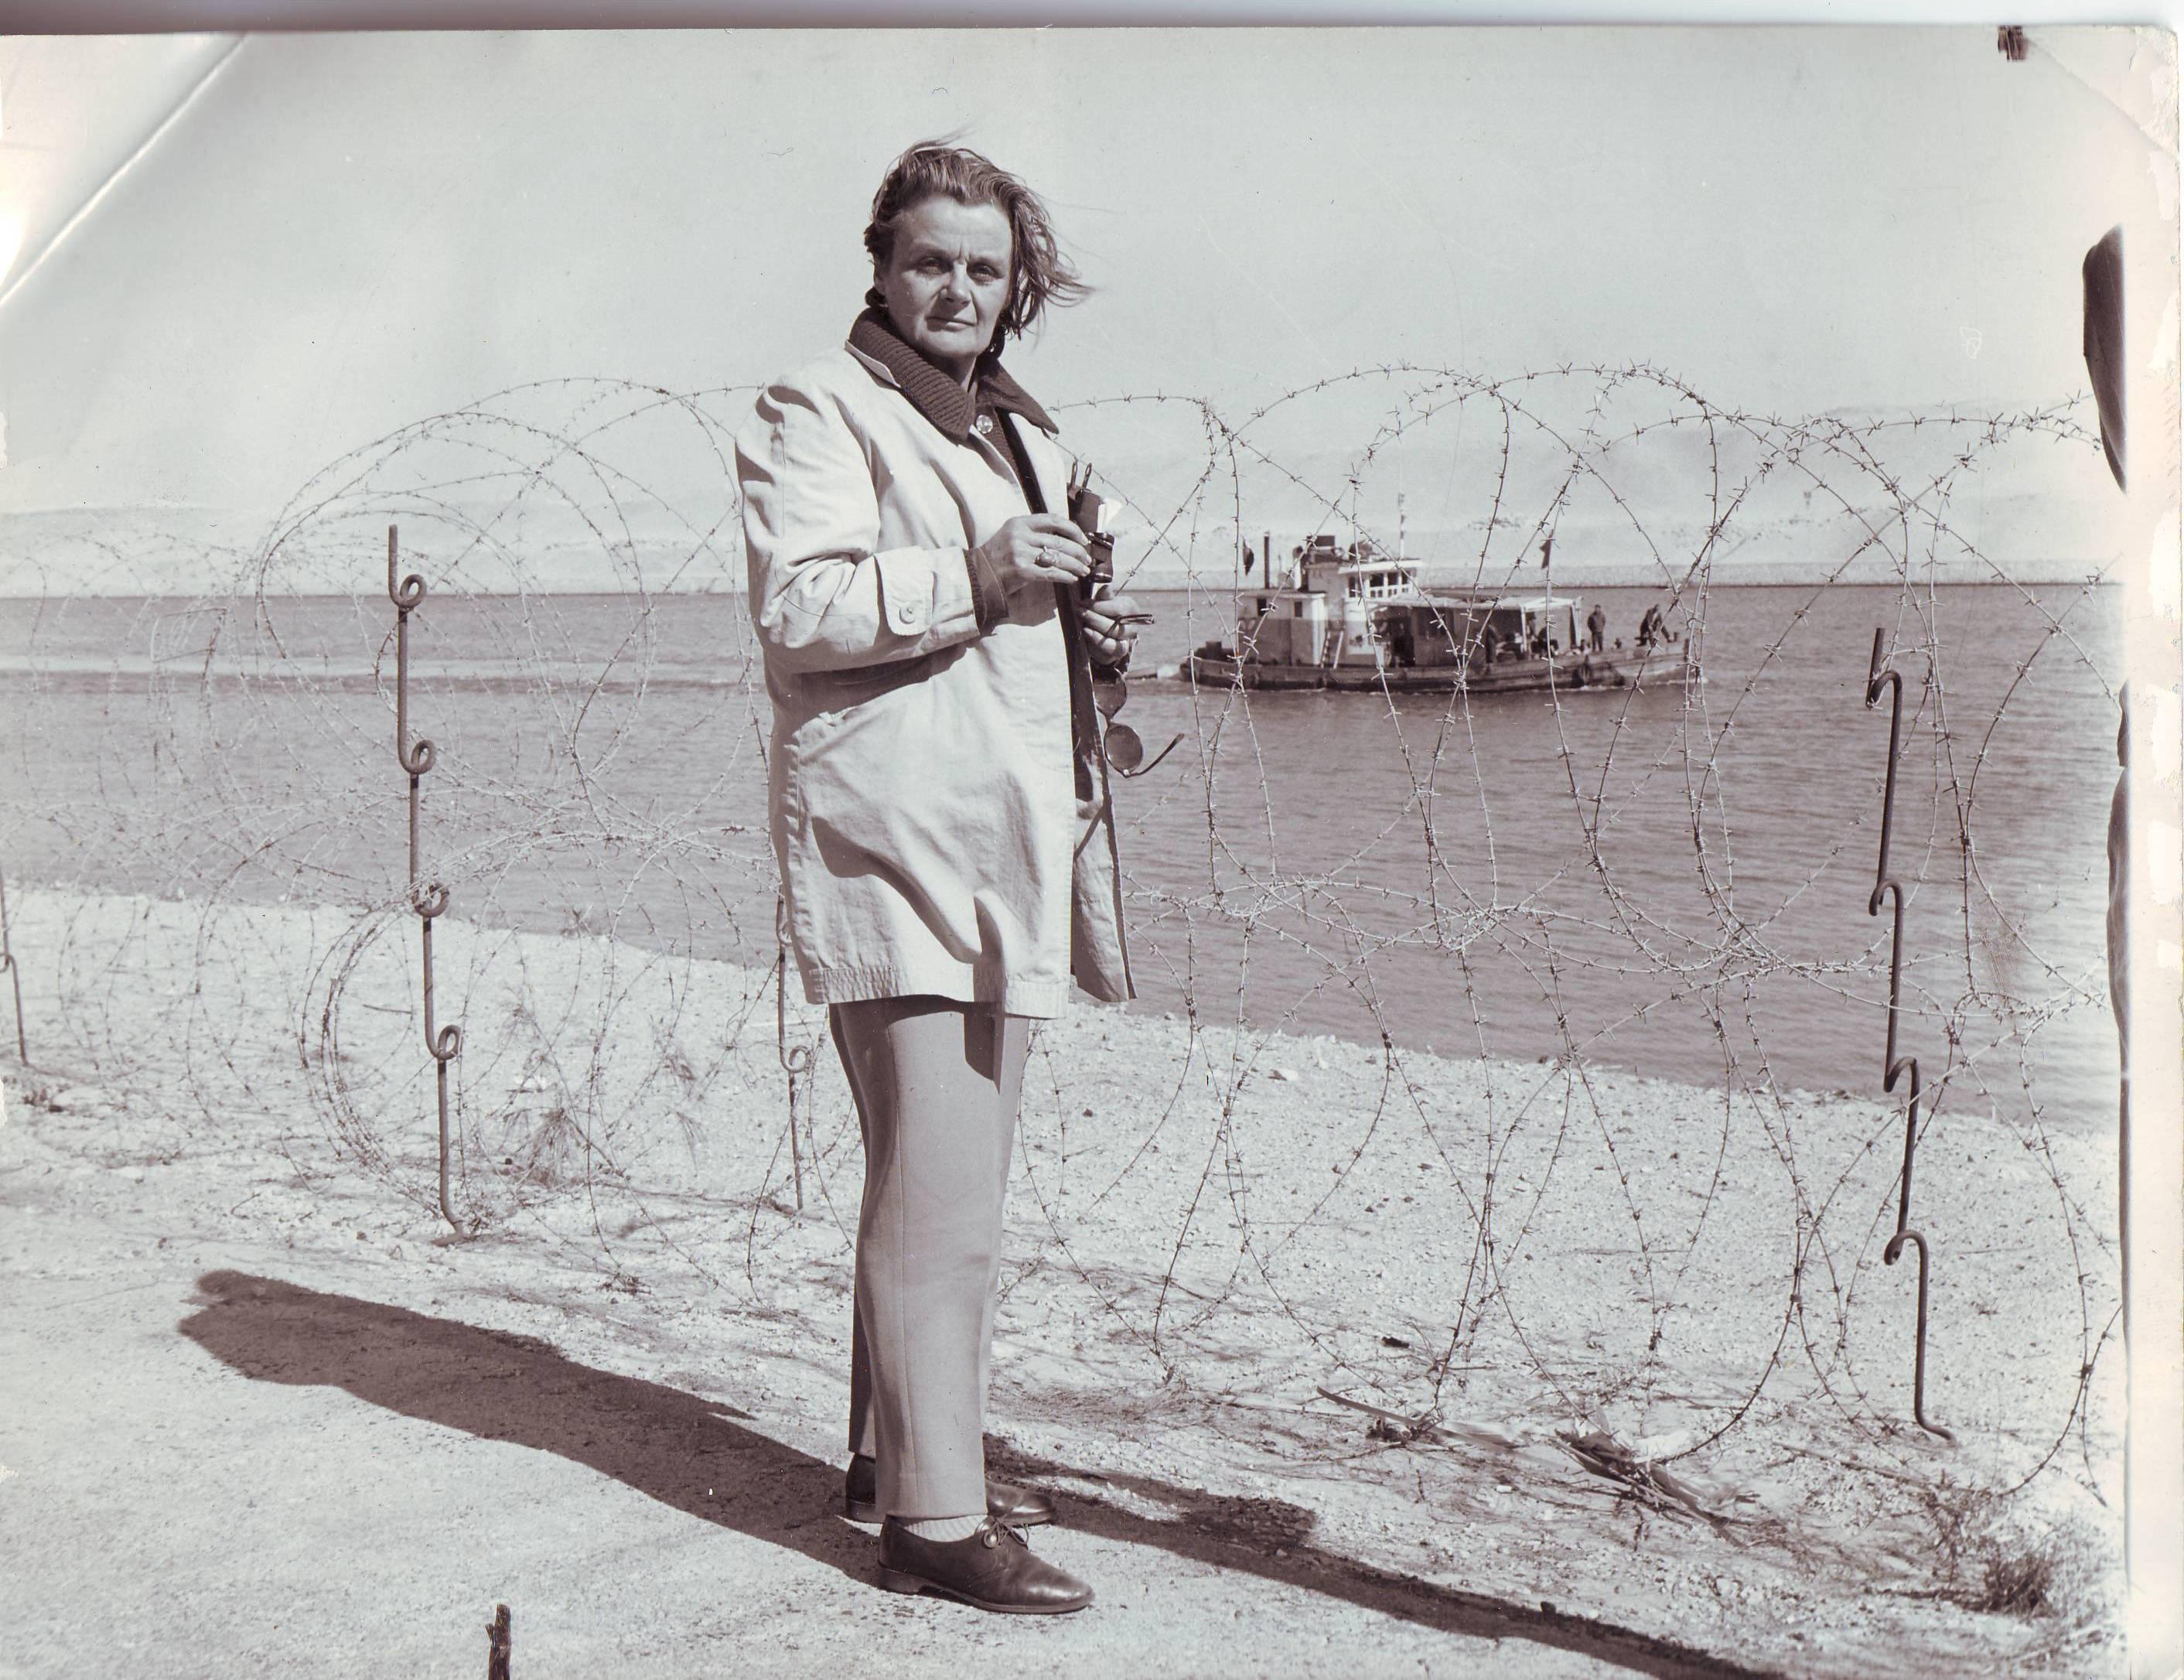 """Y""""Benim Sonsuz Nostalji İçin Harcayacak Vaktim Yok"""": Kadın Savaş Muhabirlerinden Hayat Dersleri"""